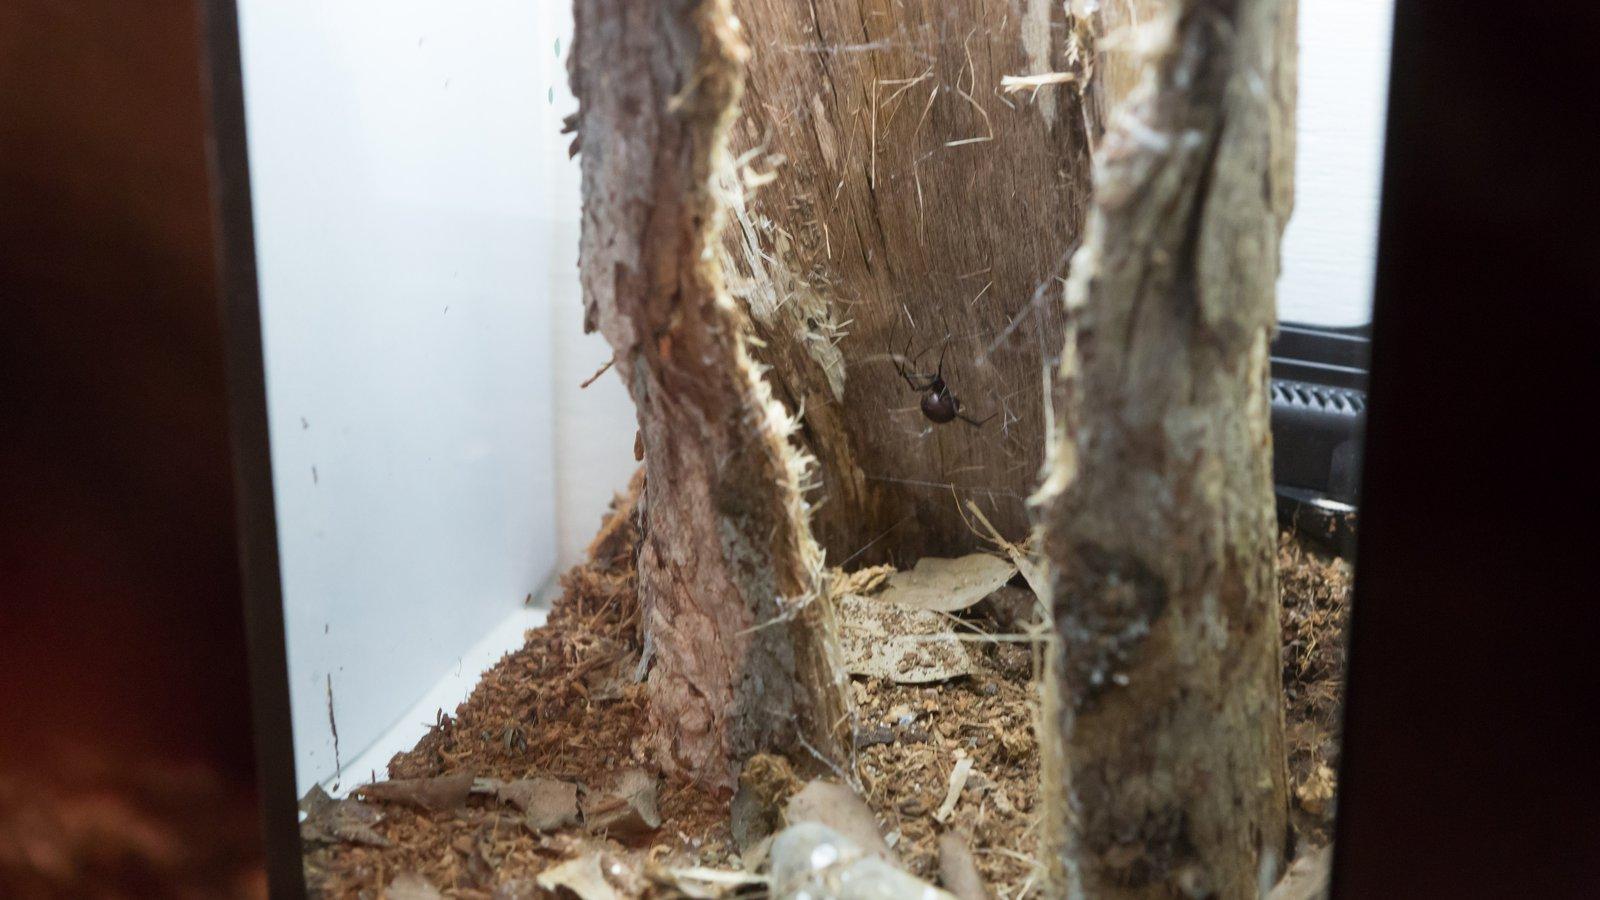 Spiders exhibition at Questacon (6)